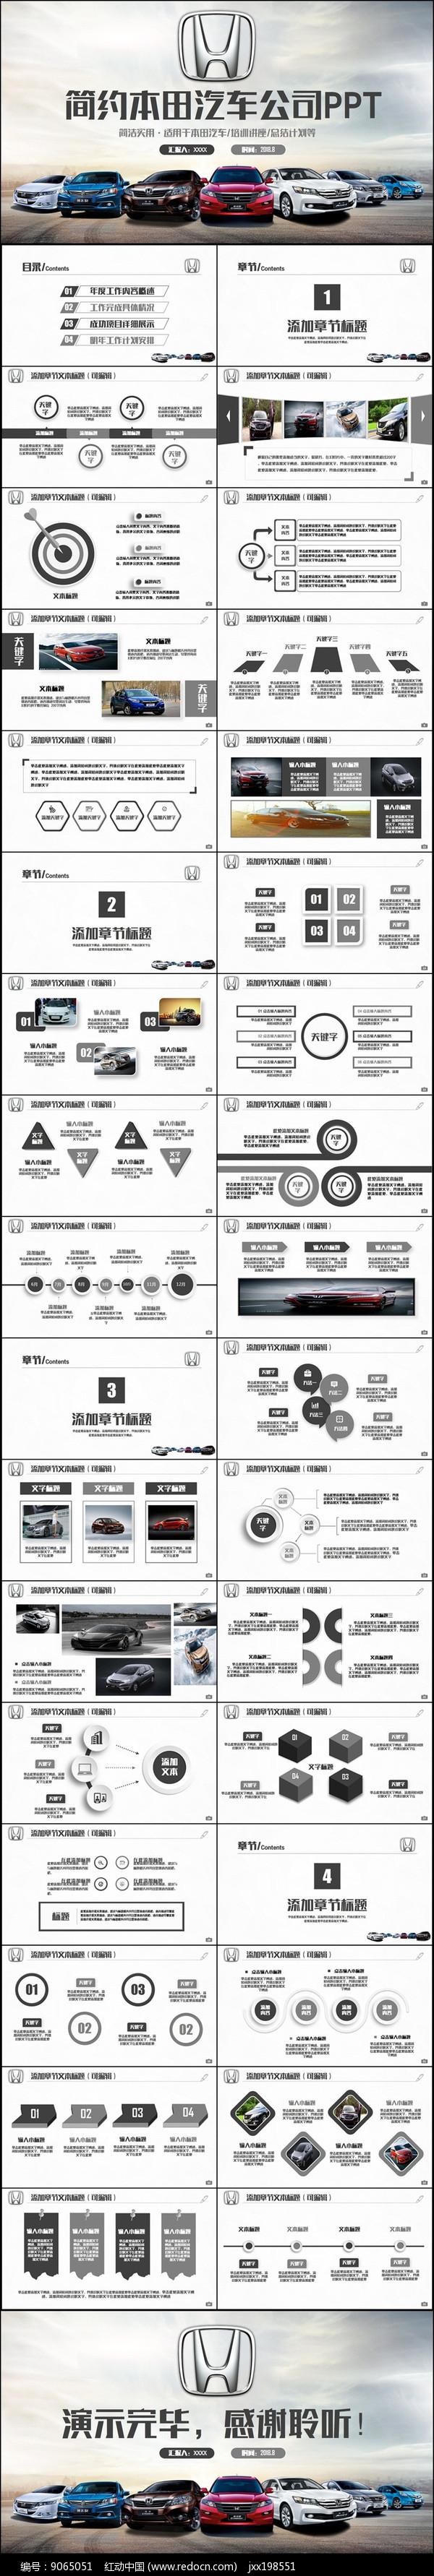 简约动感本田汽车公司PPT图片